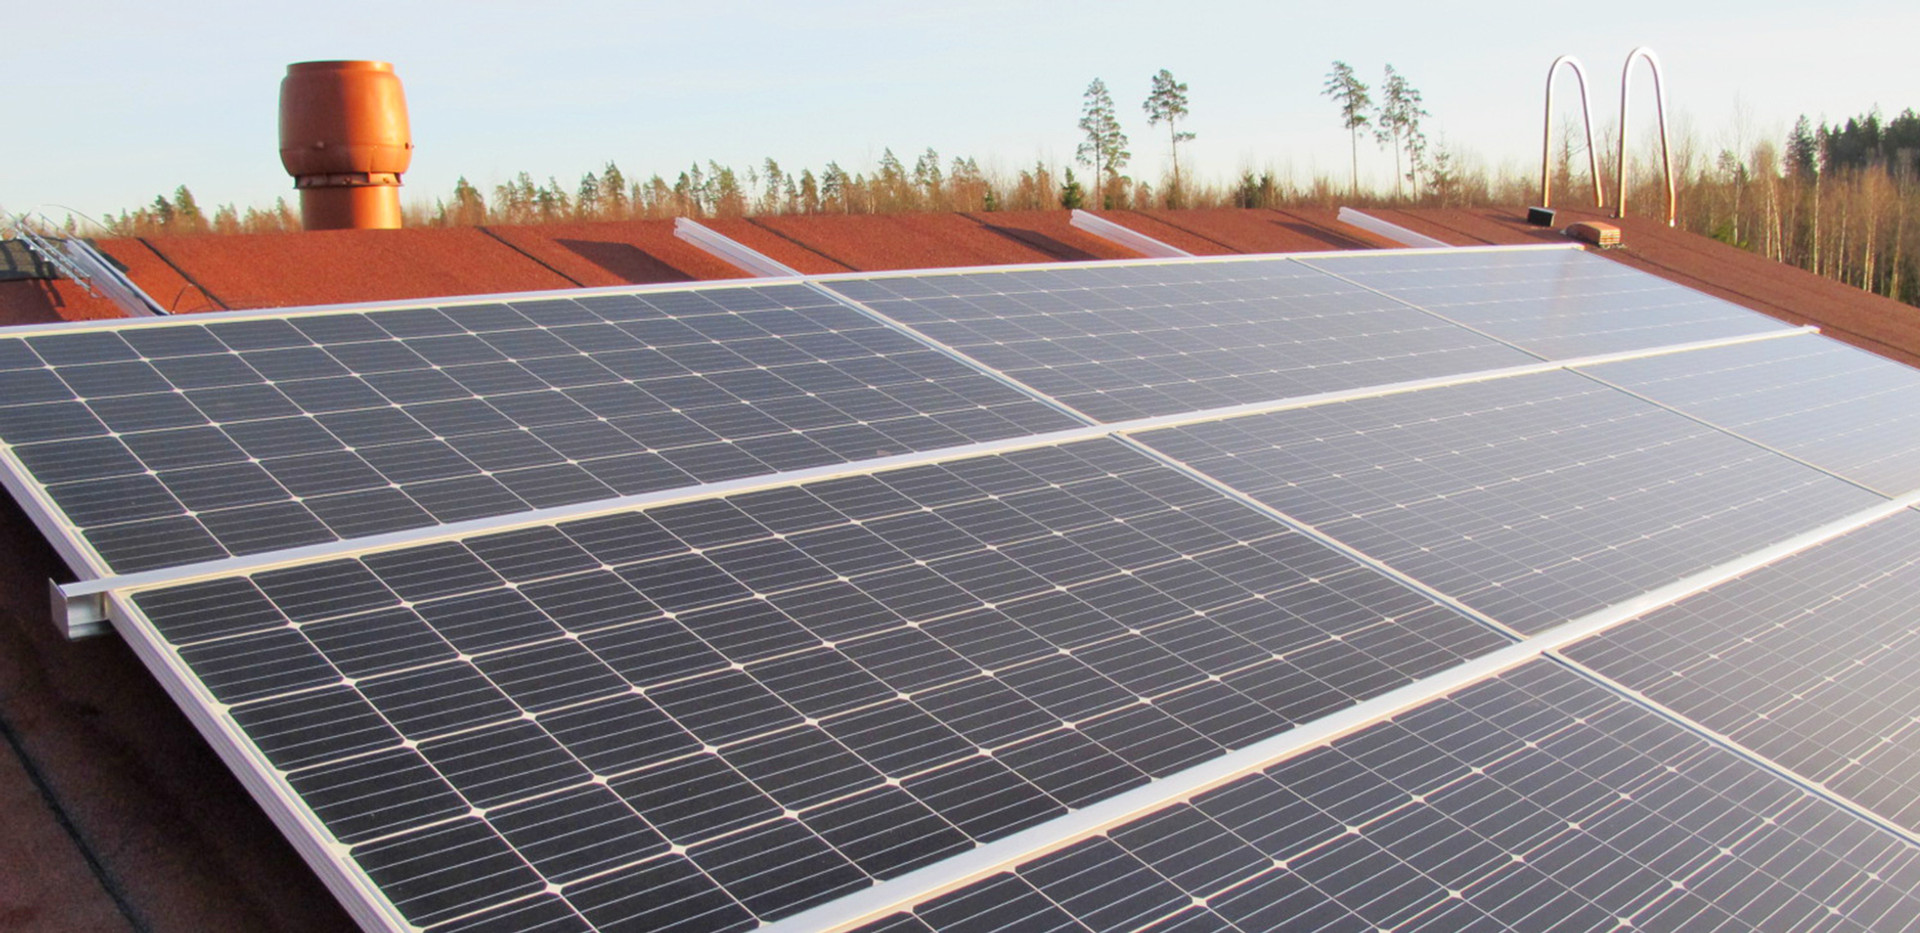 Aurinkopaneelit asennus huopakattoon